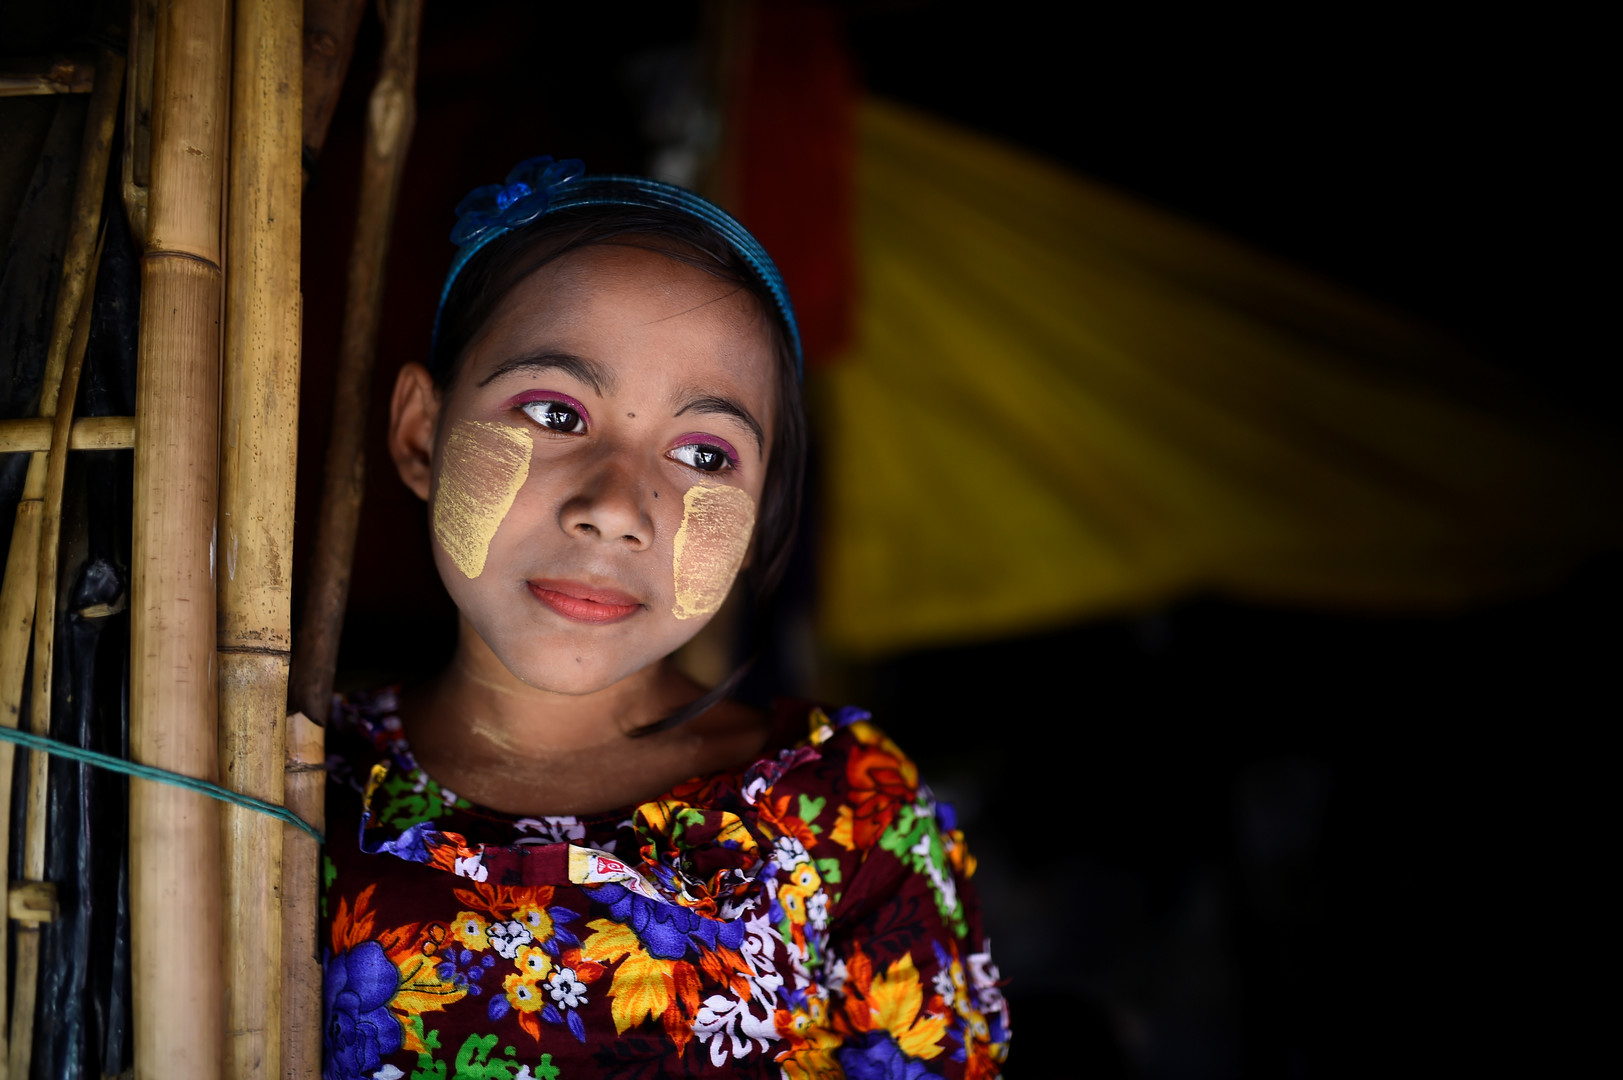 Romzida, 8 Jahre alt, Shamlapur Camp in Cox Bazar, Bangladesch, 30. März 2018.